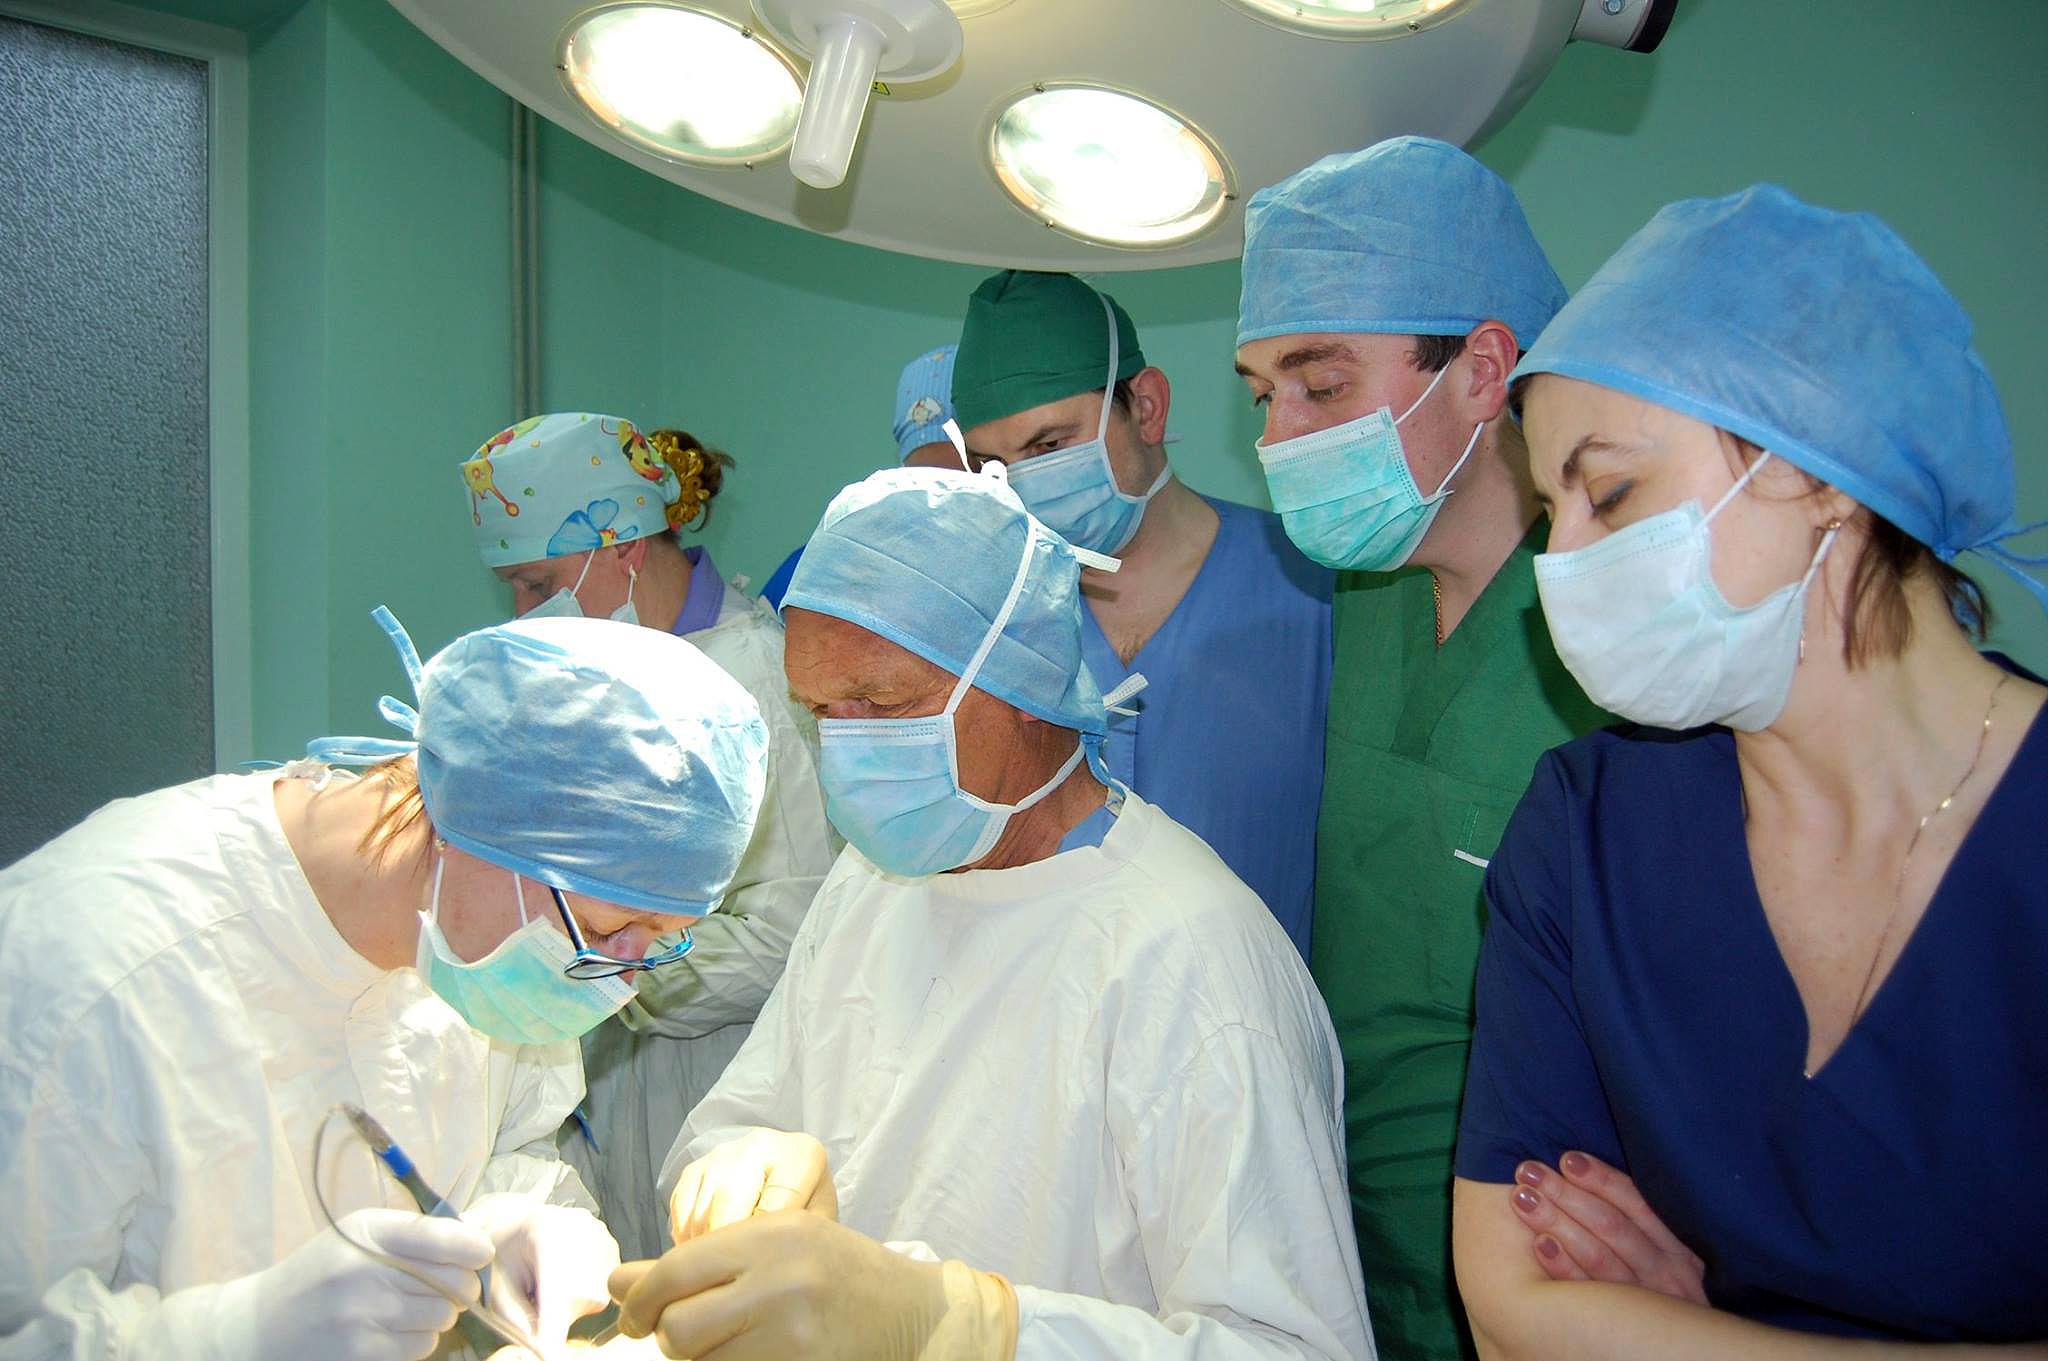 Геніальний лікар знов у Львові: за три дні німецький хірург Клаус Екснер провів у Львові 16 безкоштовних операцій